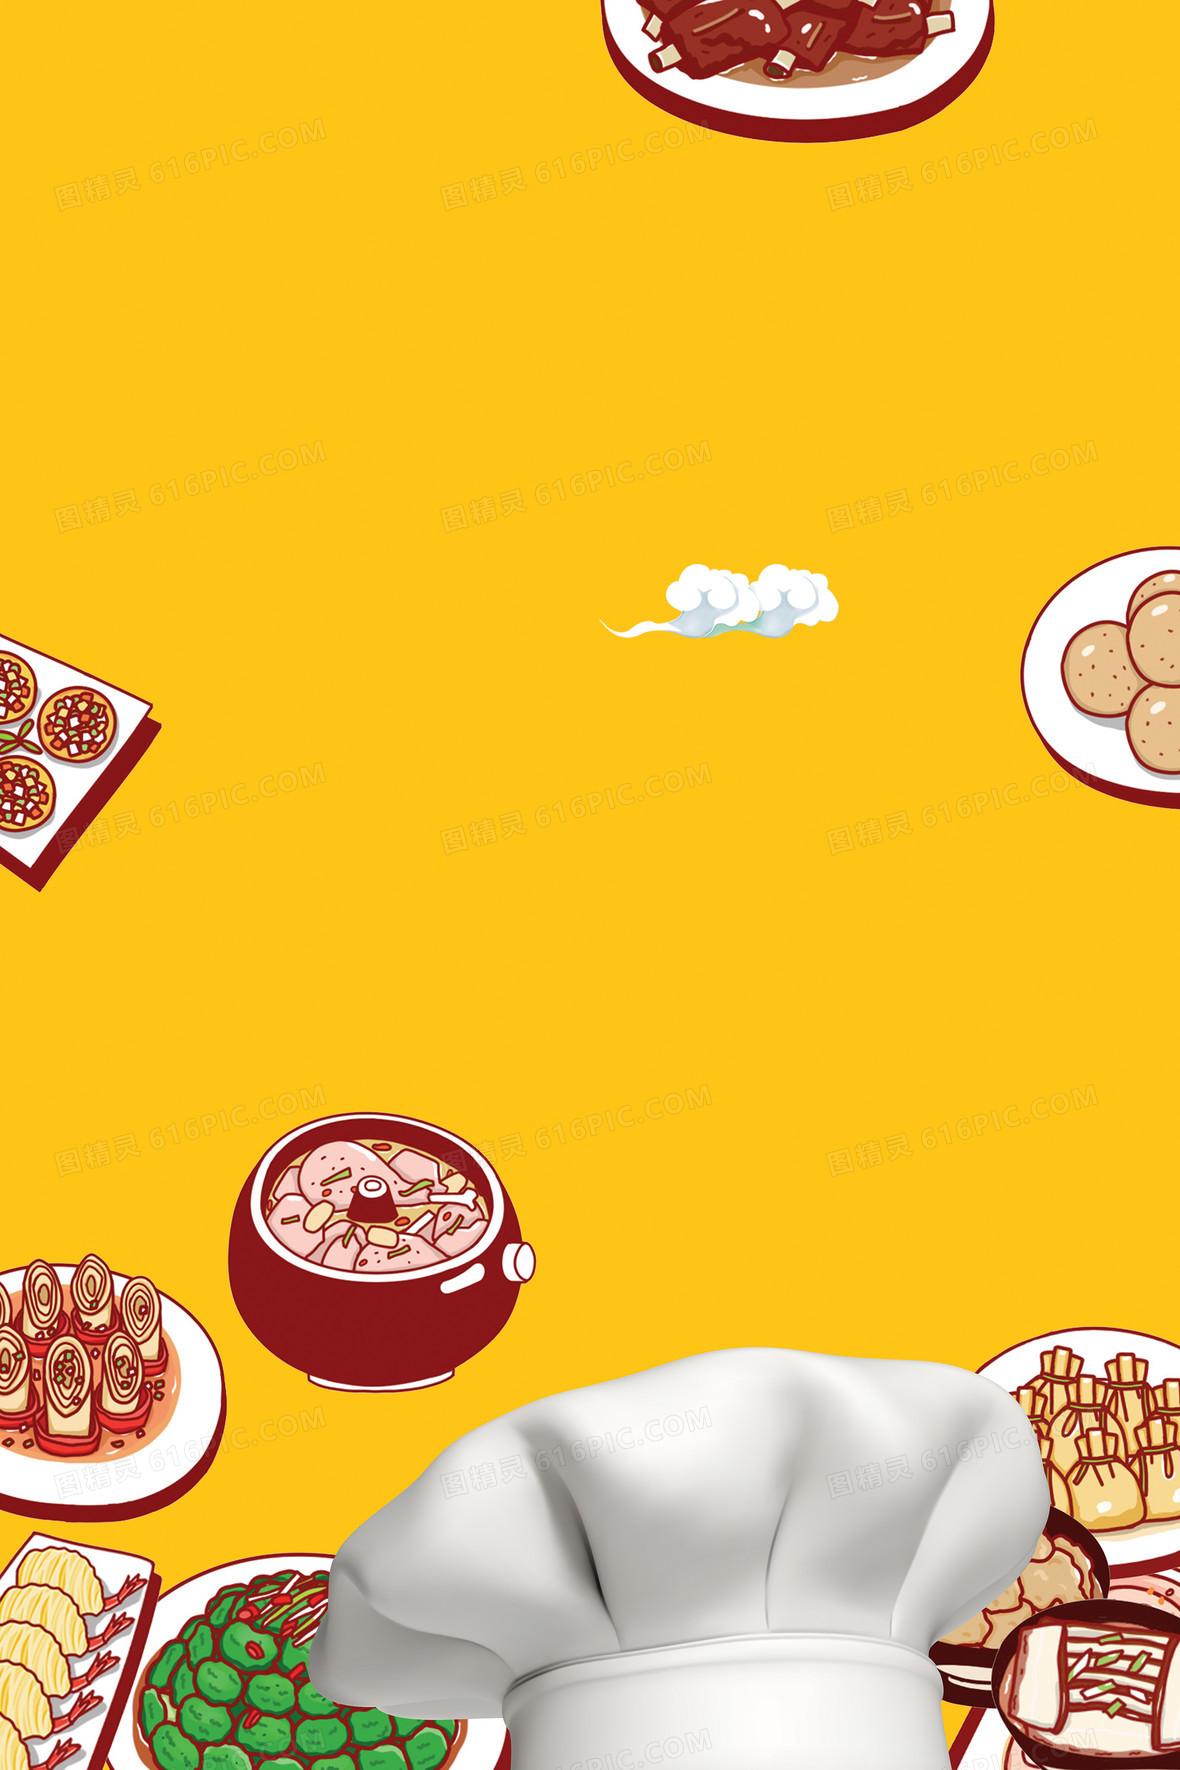 厨艺大赛海报banner背景图片下载_1920x900像素jpg_图